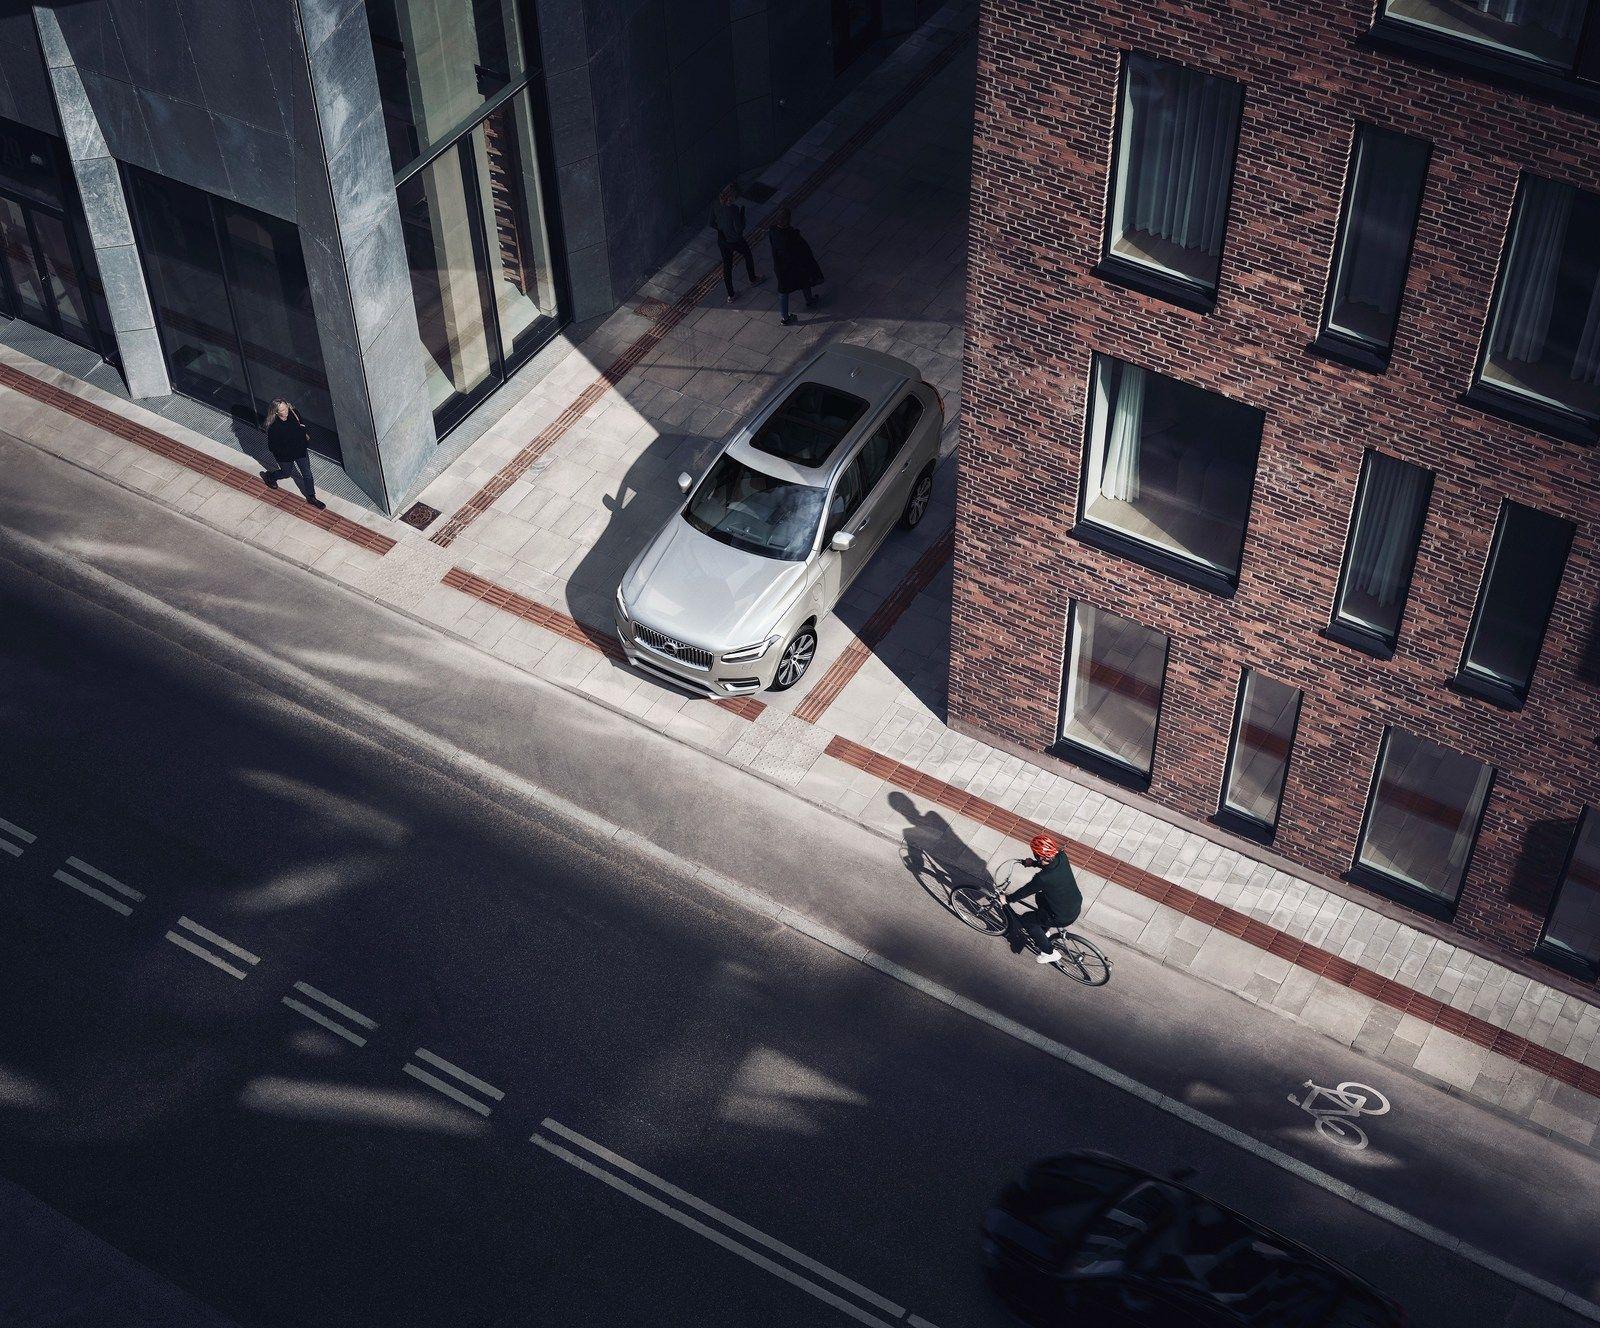 La nueva app de Volvo, Car Accident Advisor